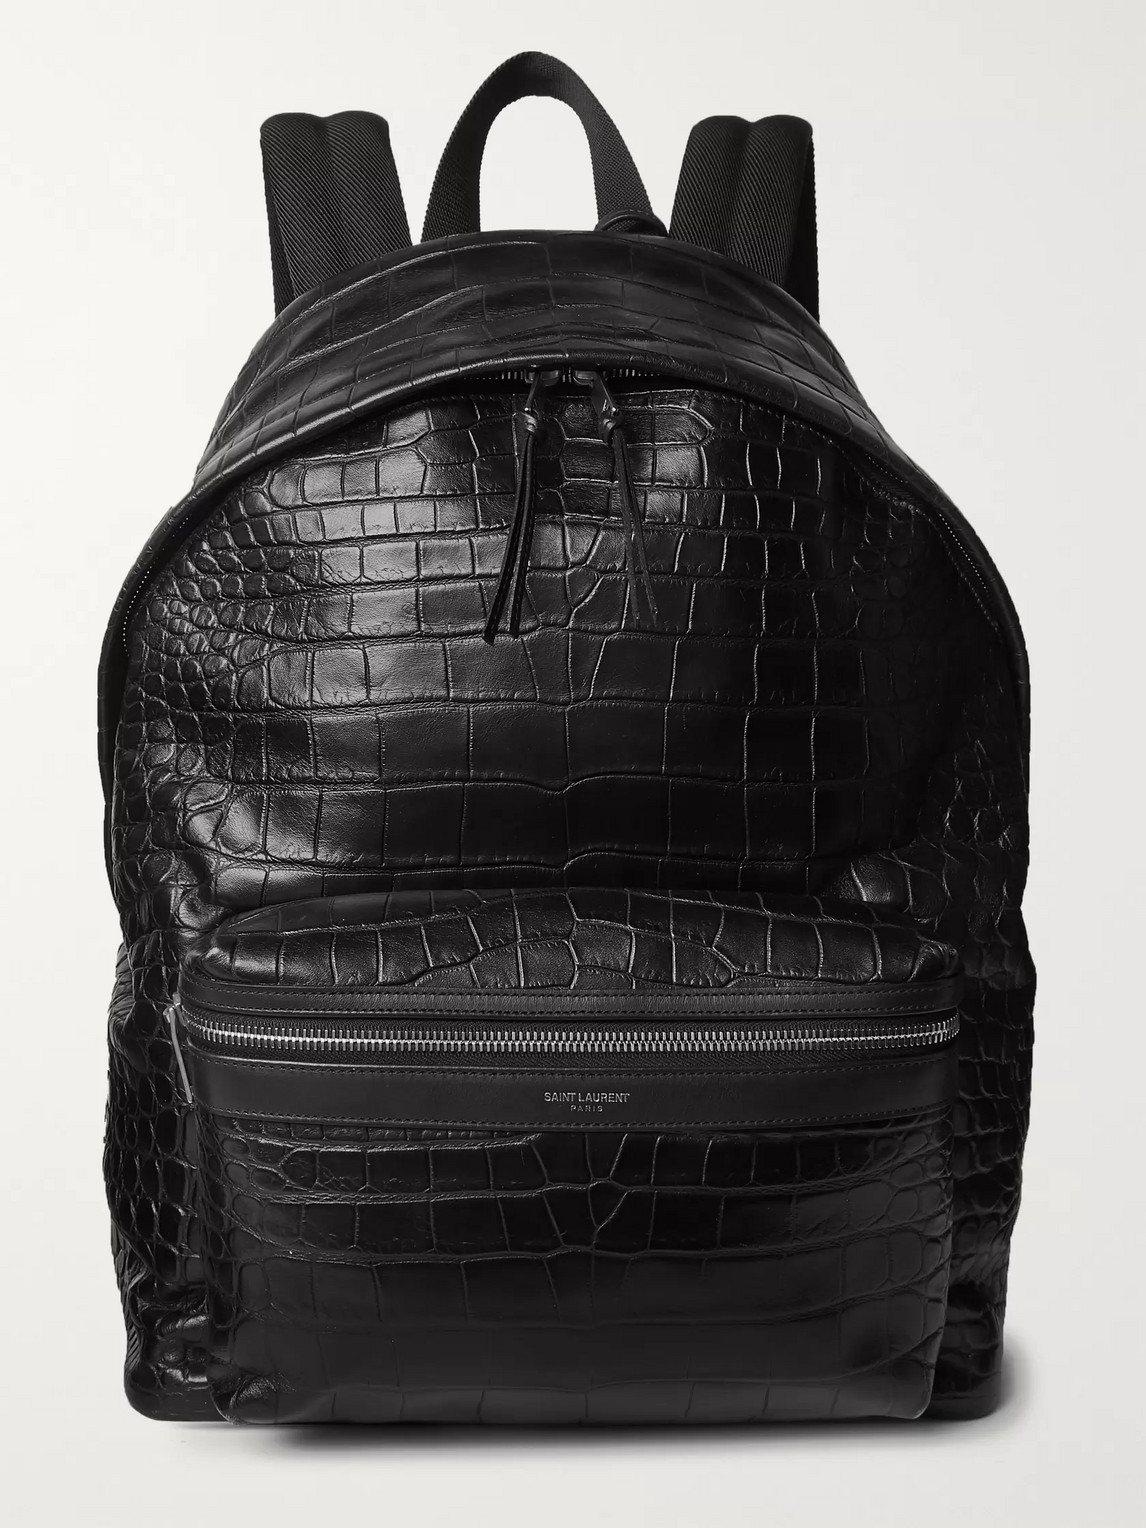 SAINT LAURENT - City Croc-Effect Leather Backpack - Men - Black